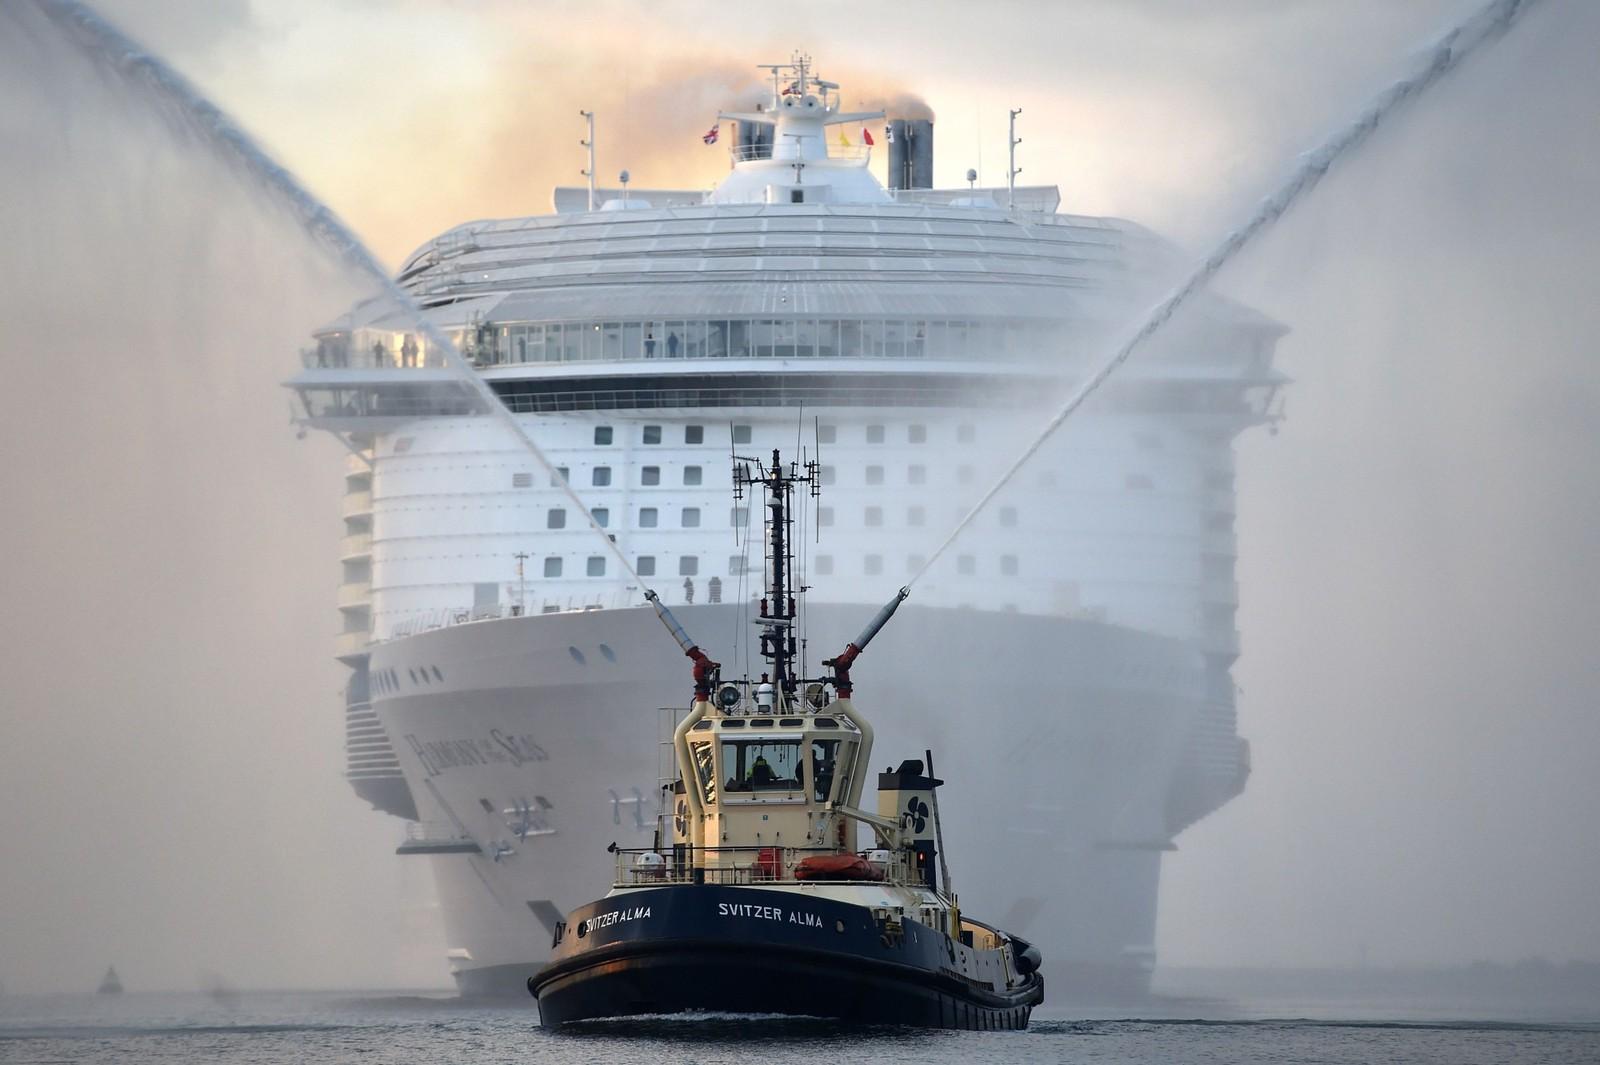 Slik så det ut da verdens største passasjerskip, Harmony of the seas, ankom Southampton. 29. mai dro båten ut på sin første offisielle tur, som gikk til Barcelona. For spesielt interesserte kan vi nevne at båten er 362 meter lang, 65 meter bred og veier rundt 230.000 tonn.